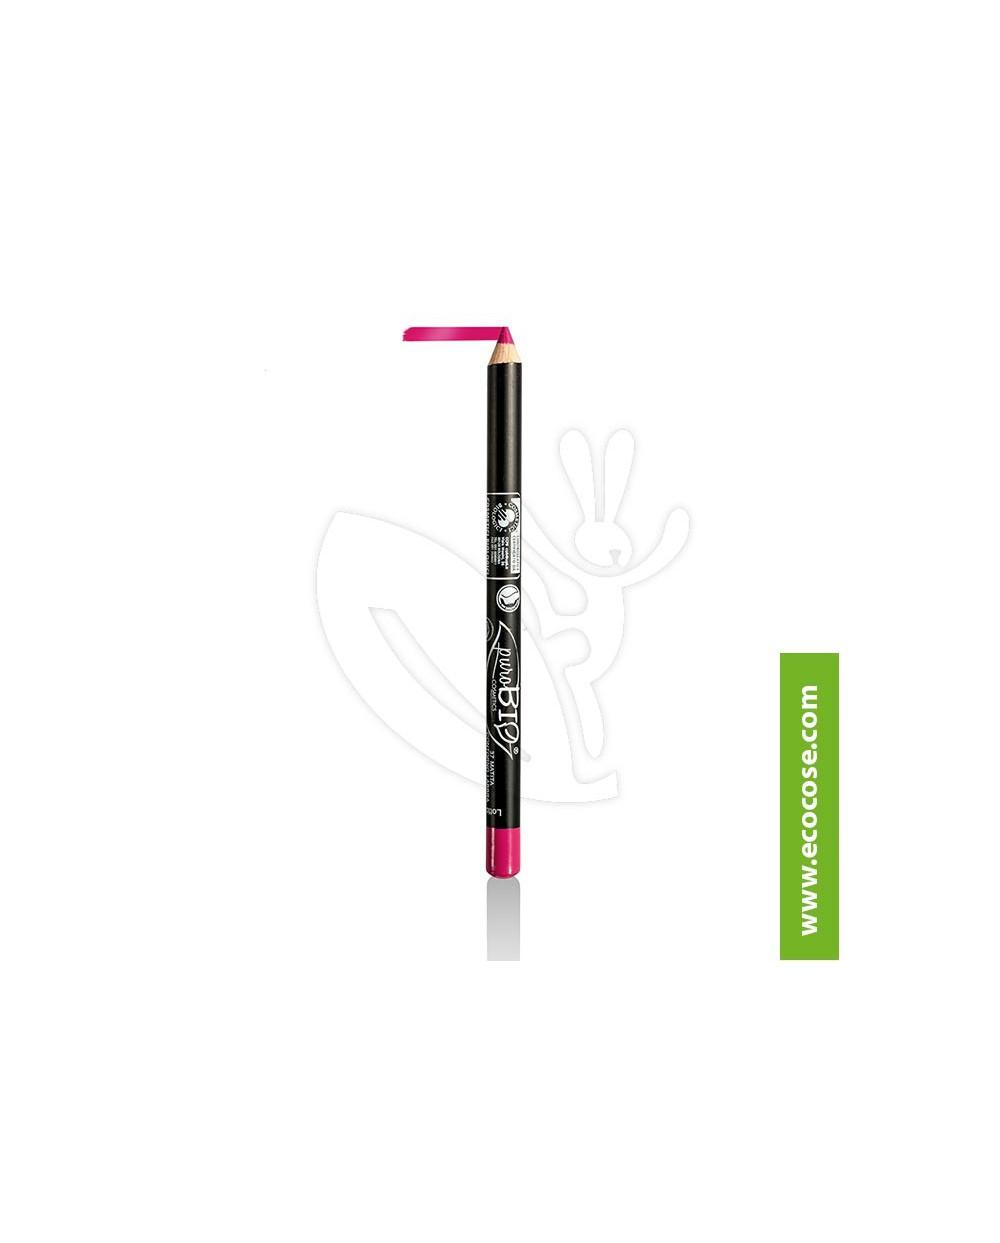 PuroBIO Cosmetics - Matita Biologica Labbra 37 Fenicottero